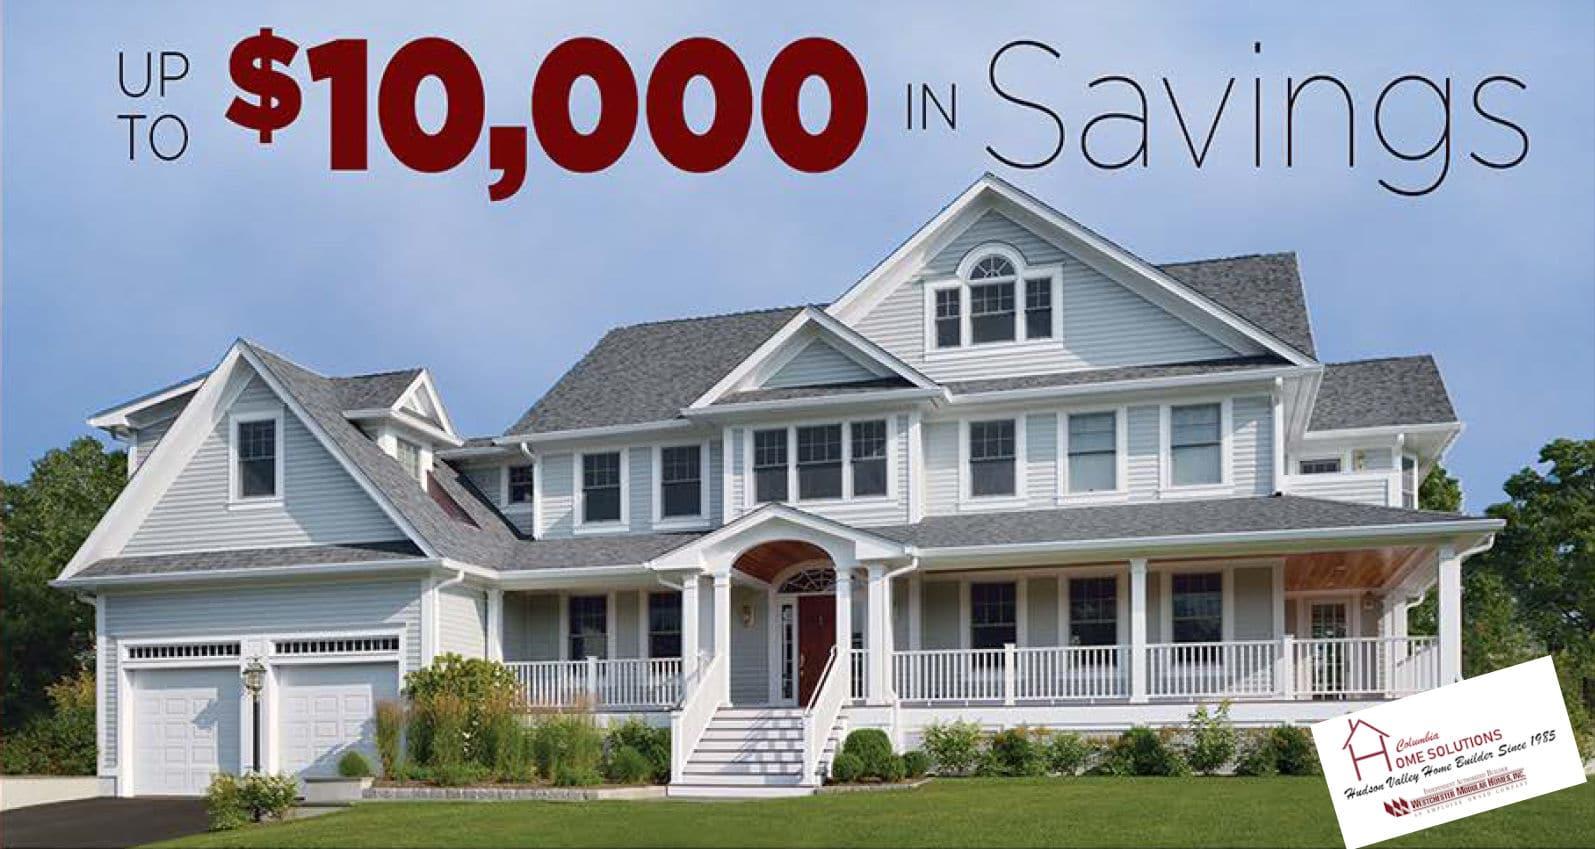 Fall 2019 Home Savings